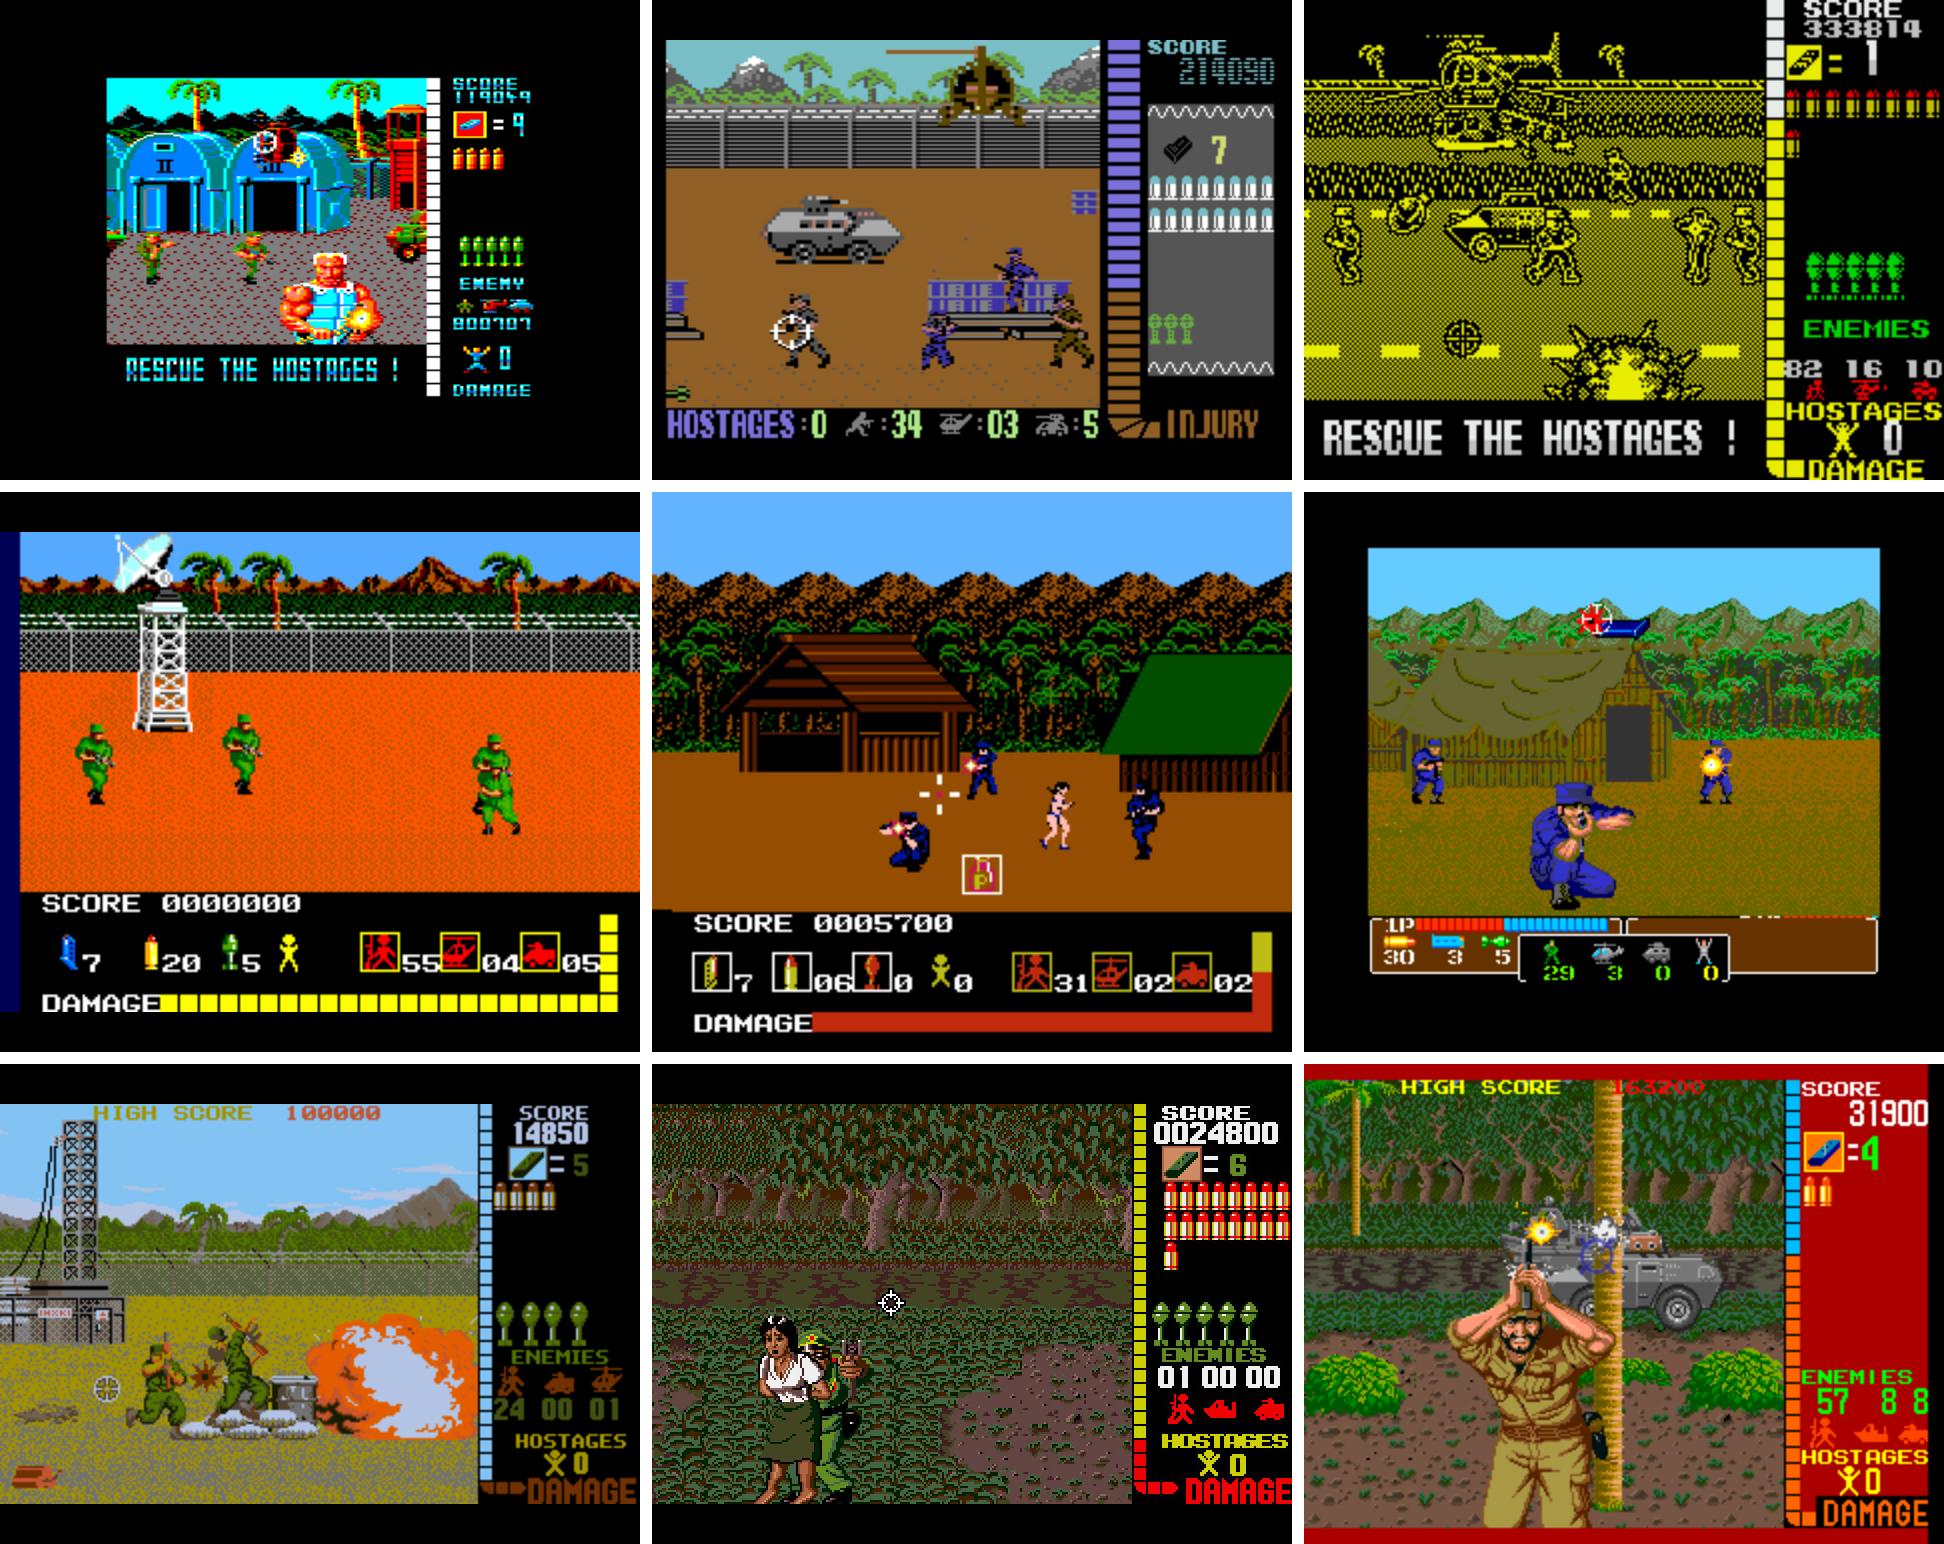 Image For Post   Amstrad - C64 - Spectrum Master System - NES - PC Engine PC - Amiga - Arcade